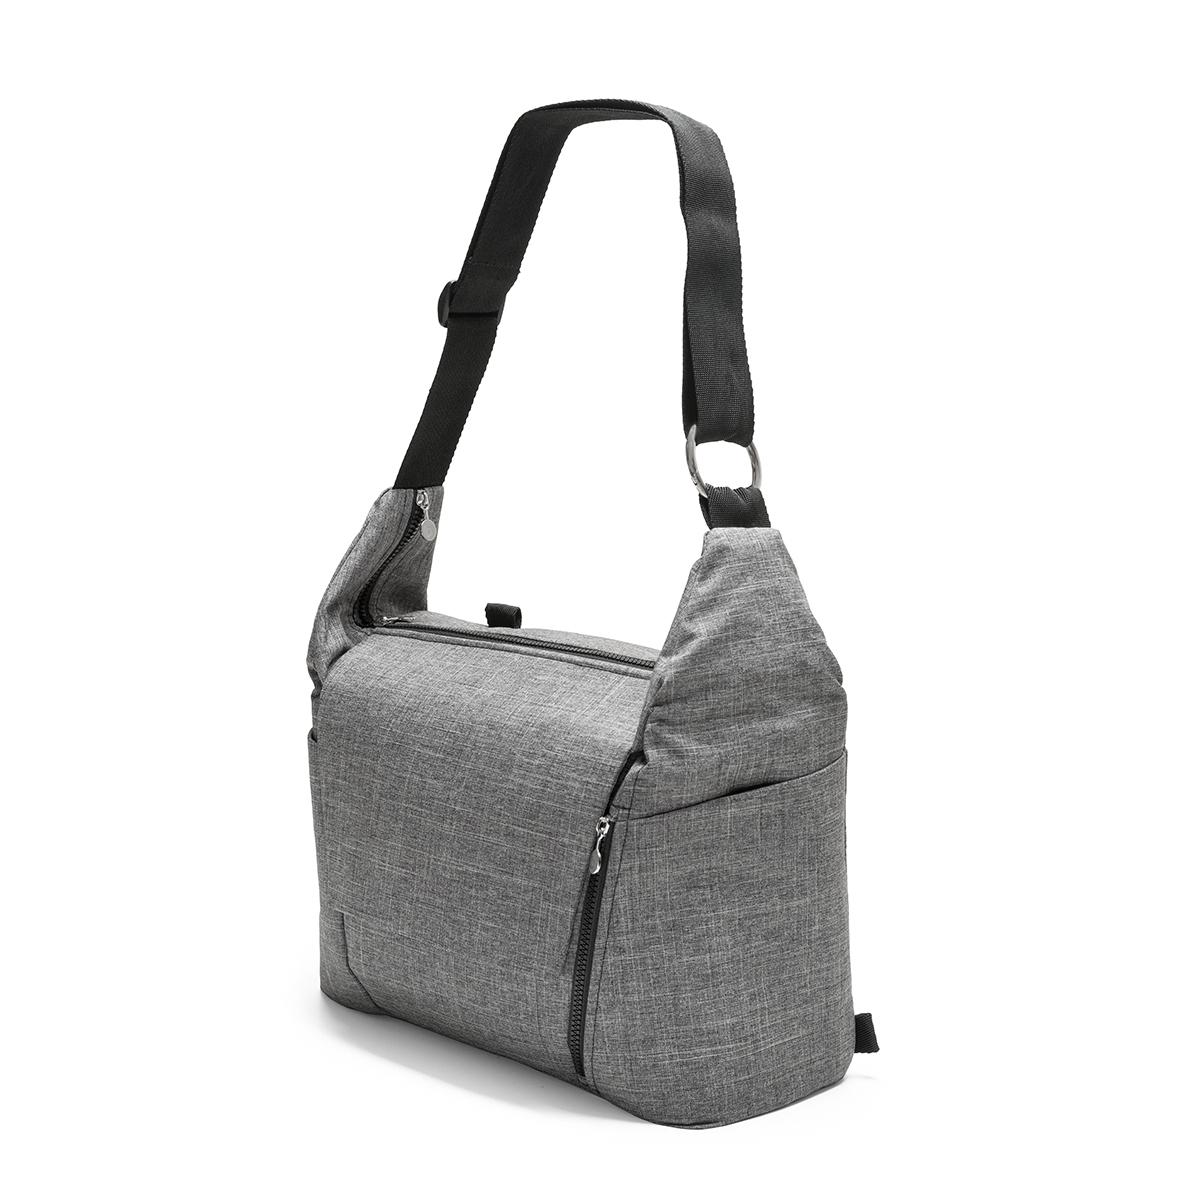 Stokke Changing Bag hoitolaukku 2016 - Hoitolaukut - 51200033326 - 11